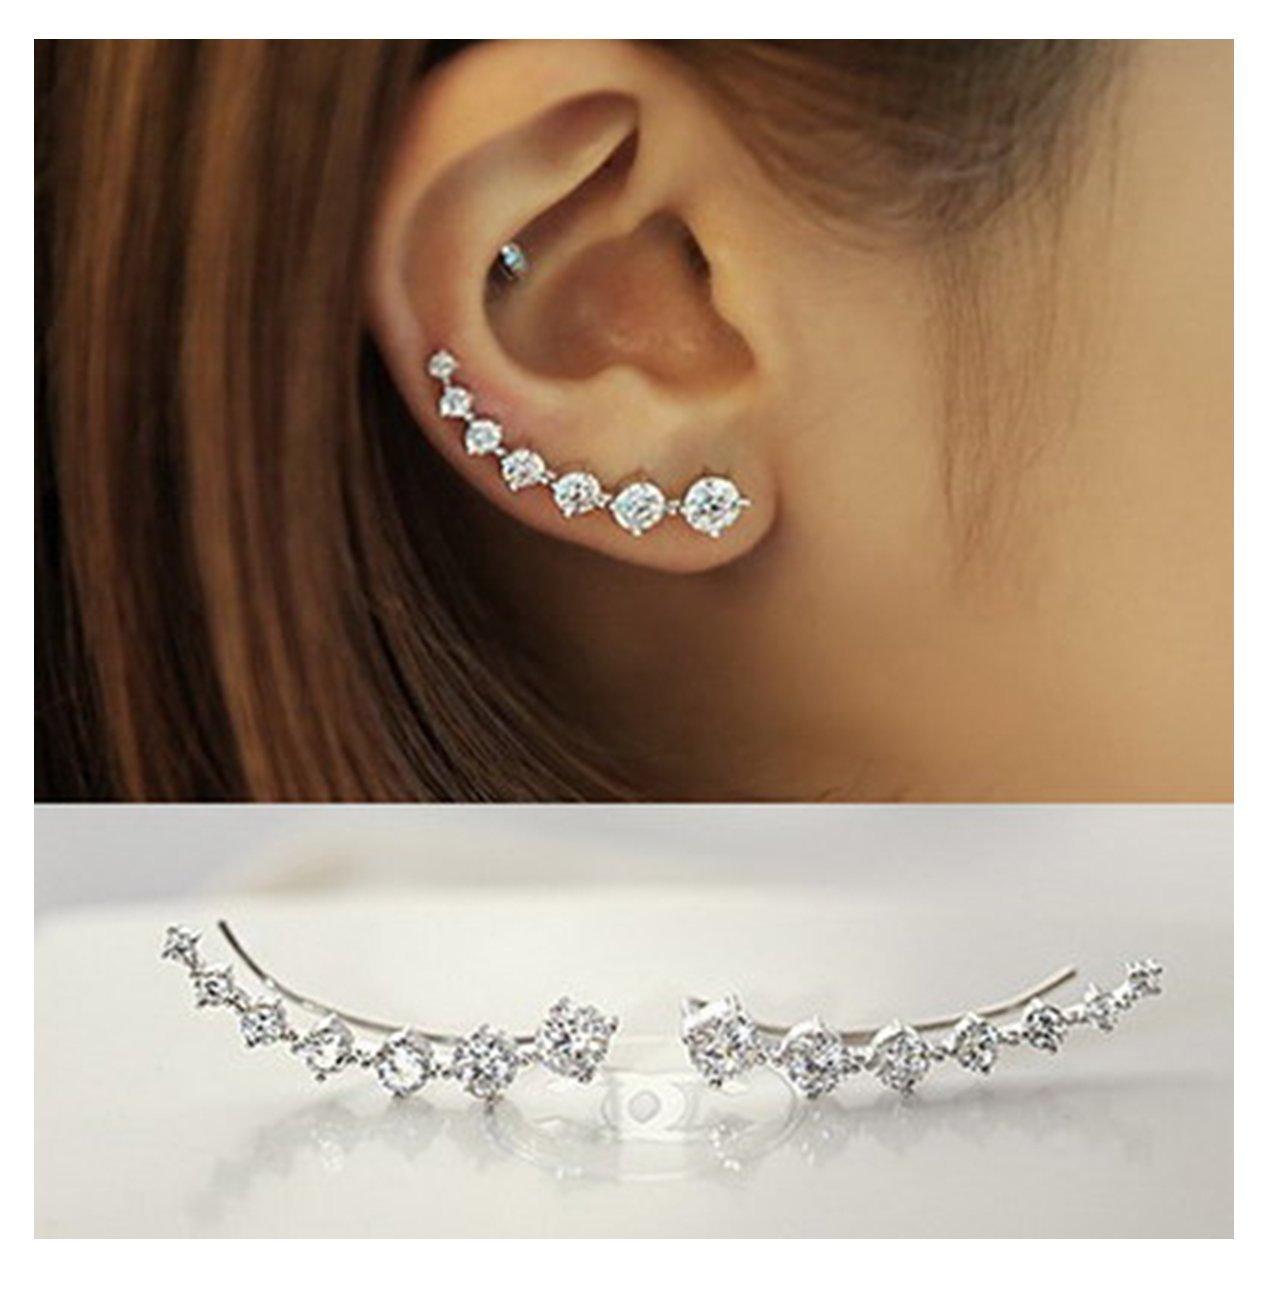 Elensan 7 Crystals Ear Cuffs Hoop Climber S925 Sterling Silver Earrings Hypoallergenic Earring by Elensan